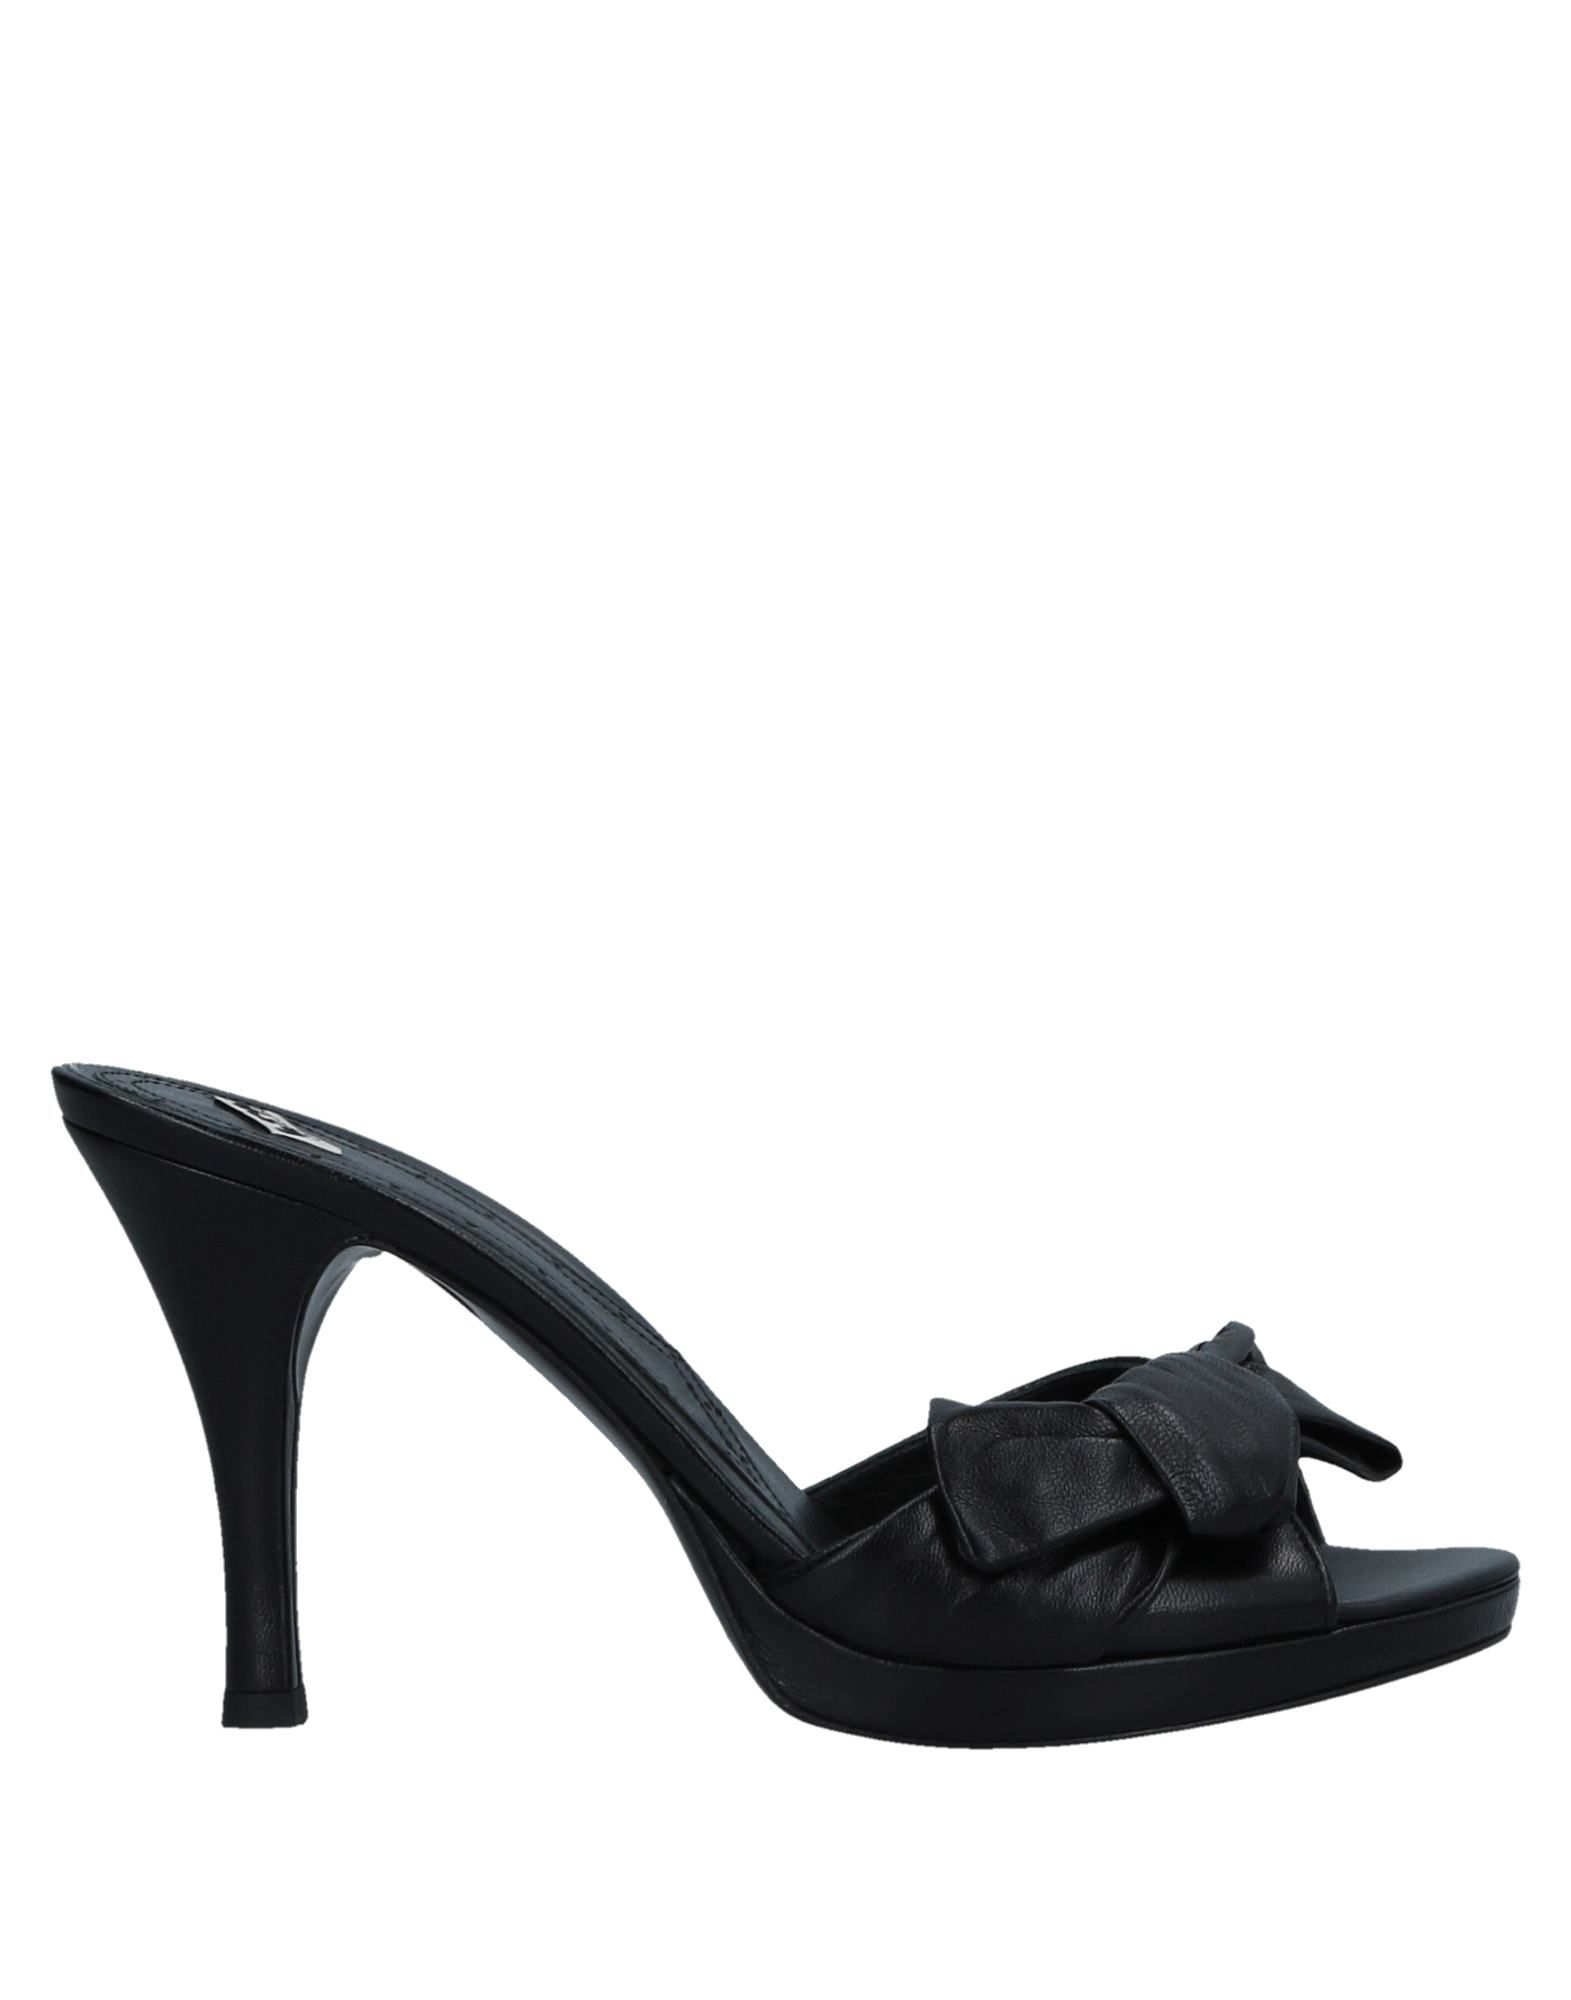 Ltd Fornarina Sandalen Damen  11521033CB Gute Qualität beliebte Schuhe